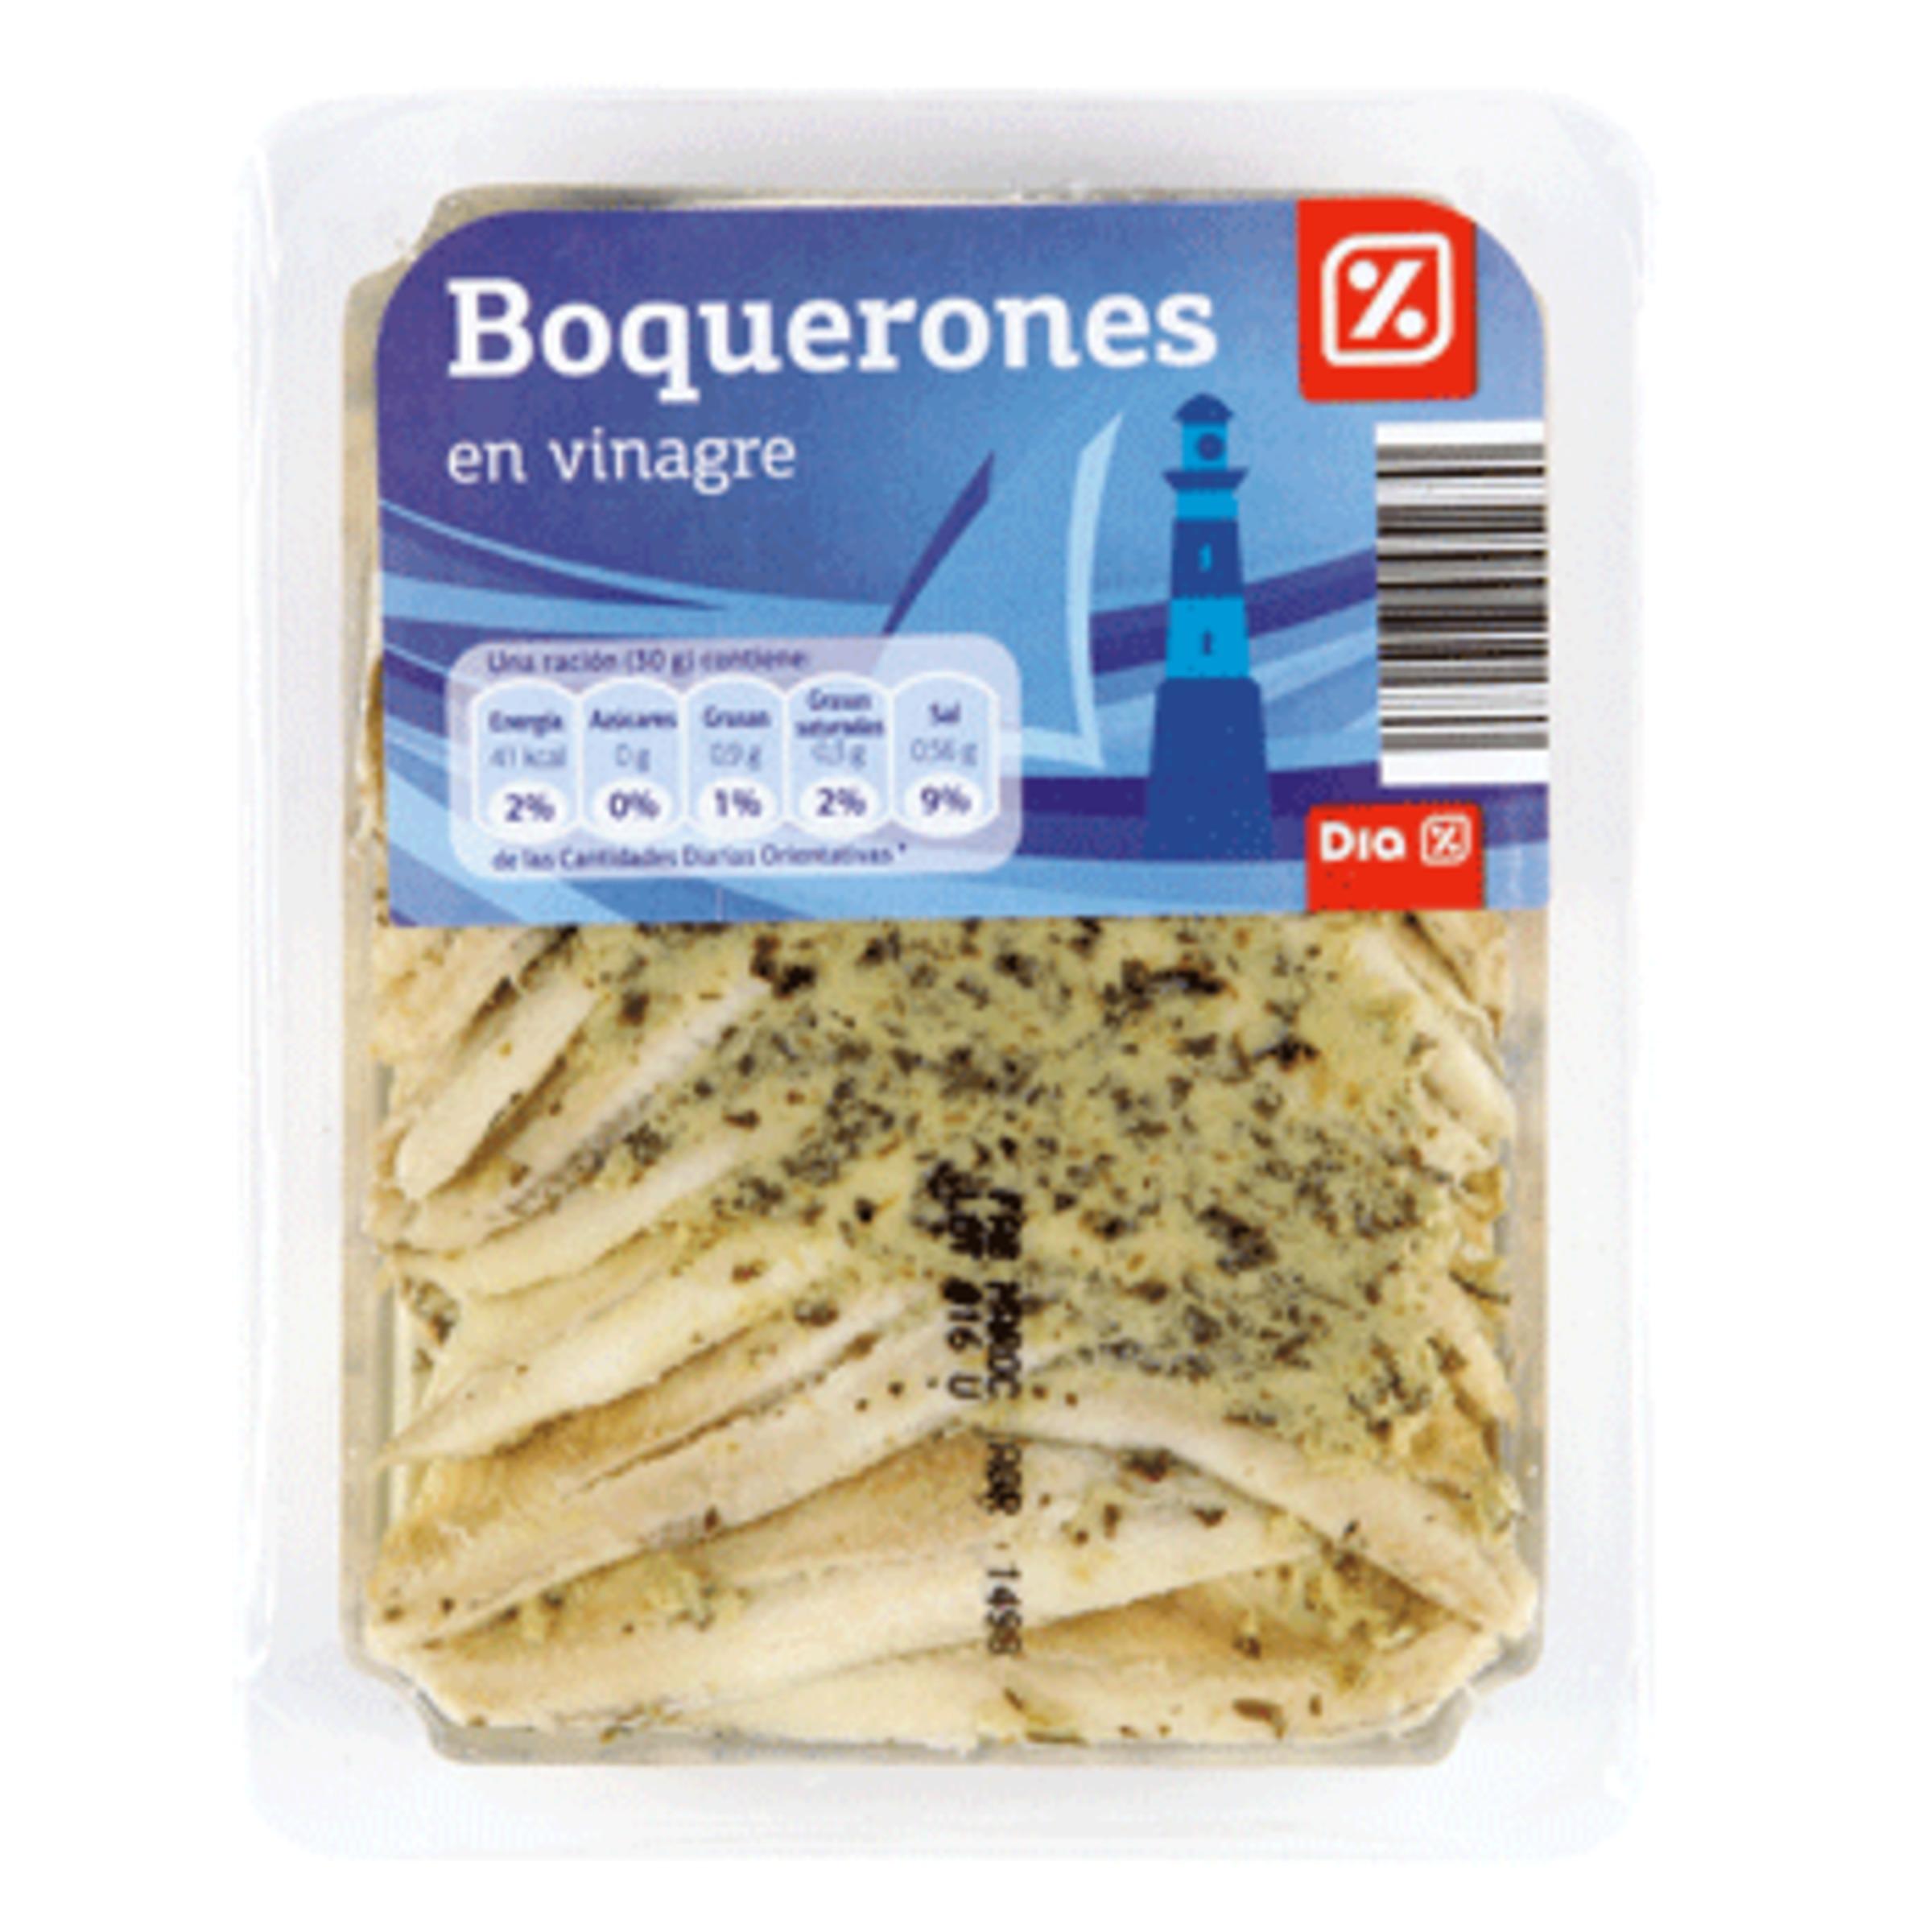 Dia boquerones en vinagre envase 150g resto pescado - Boquerones en vinagre duros ...